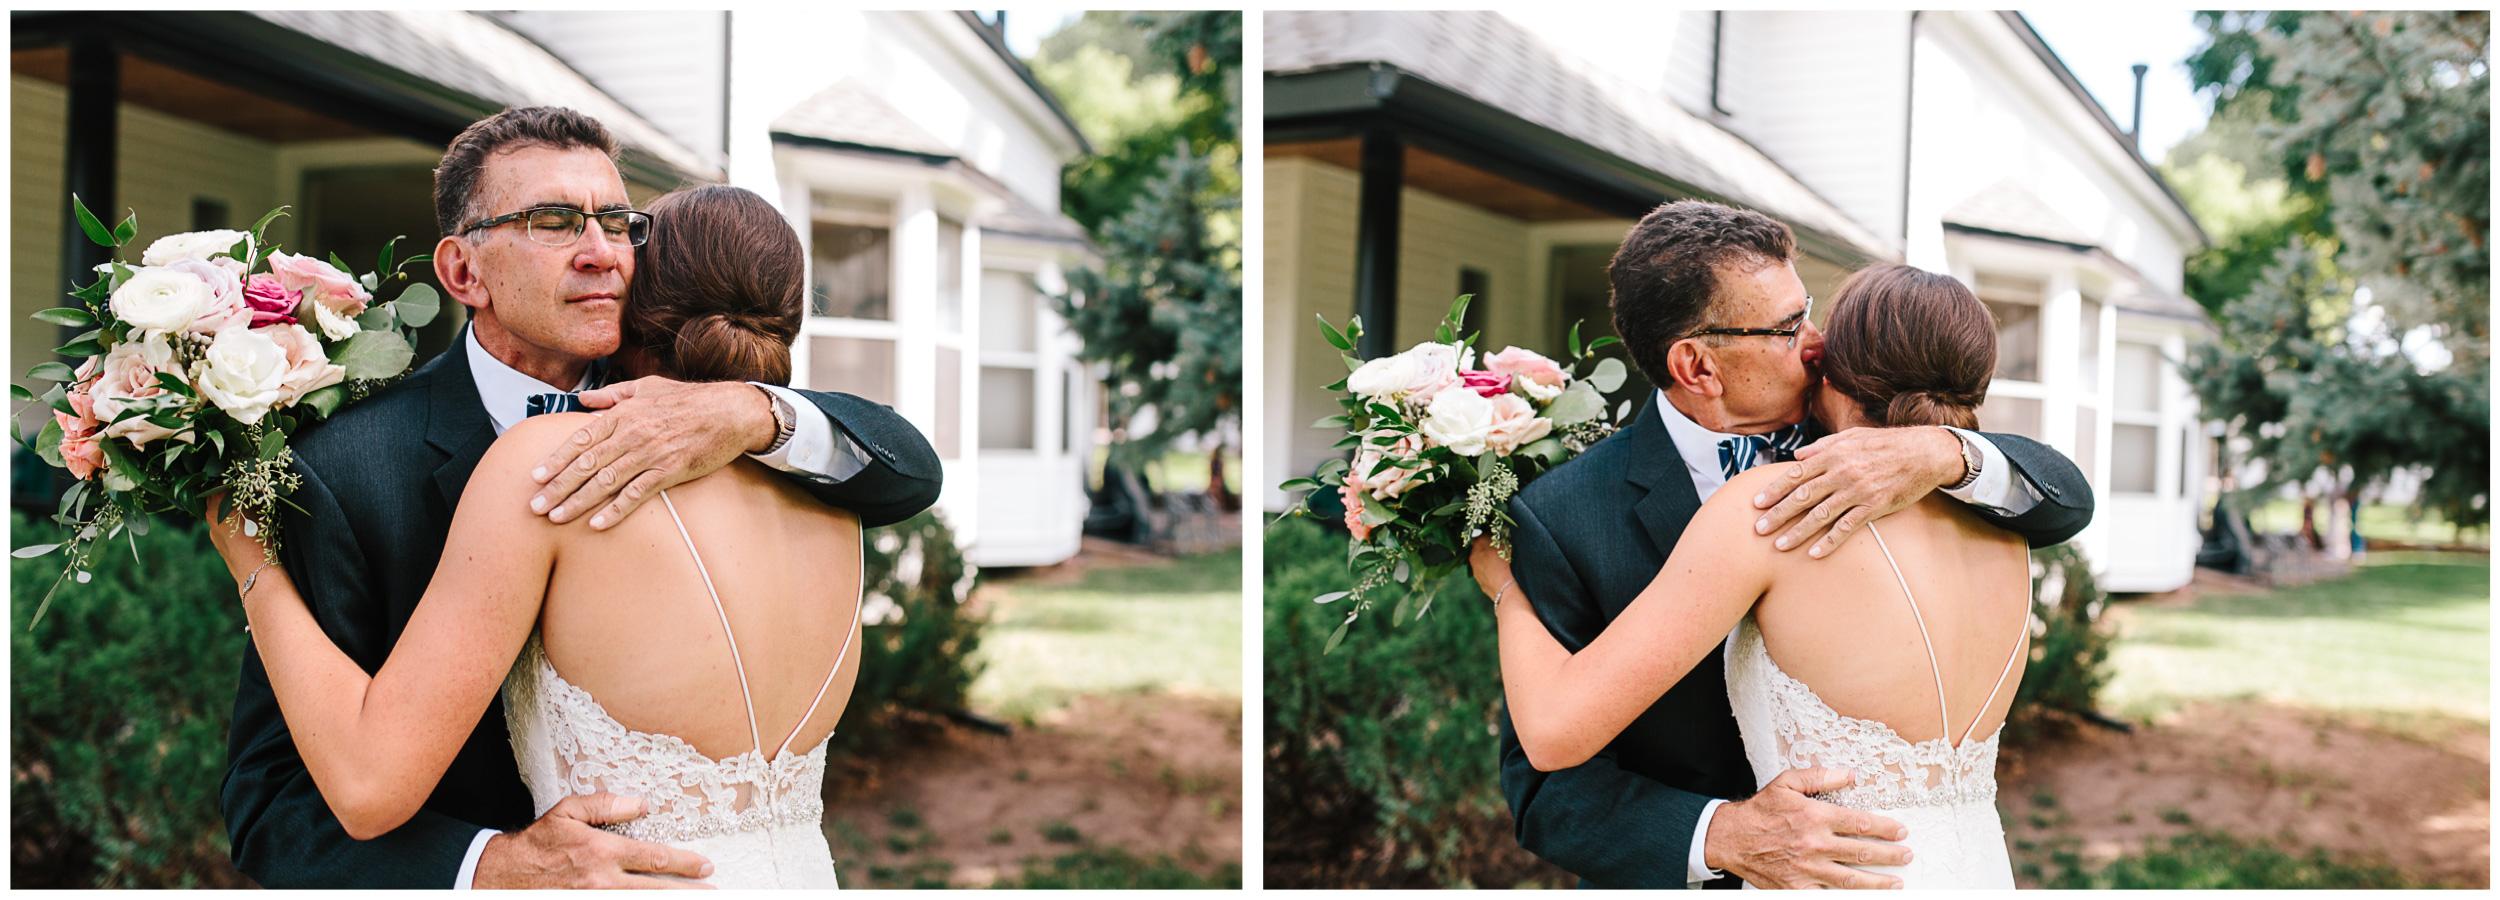 Morrison_Colorado_Wedding_13.jpg